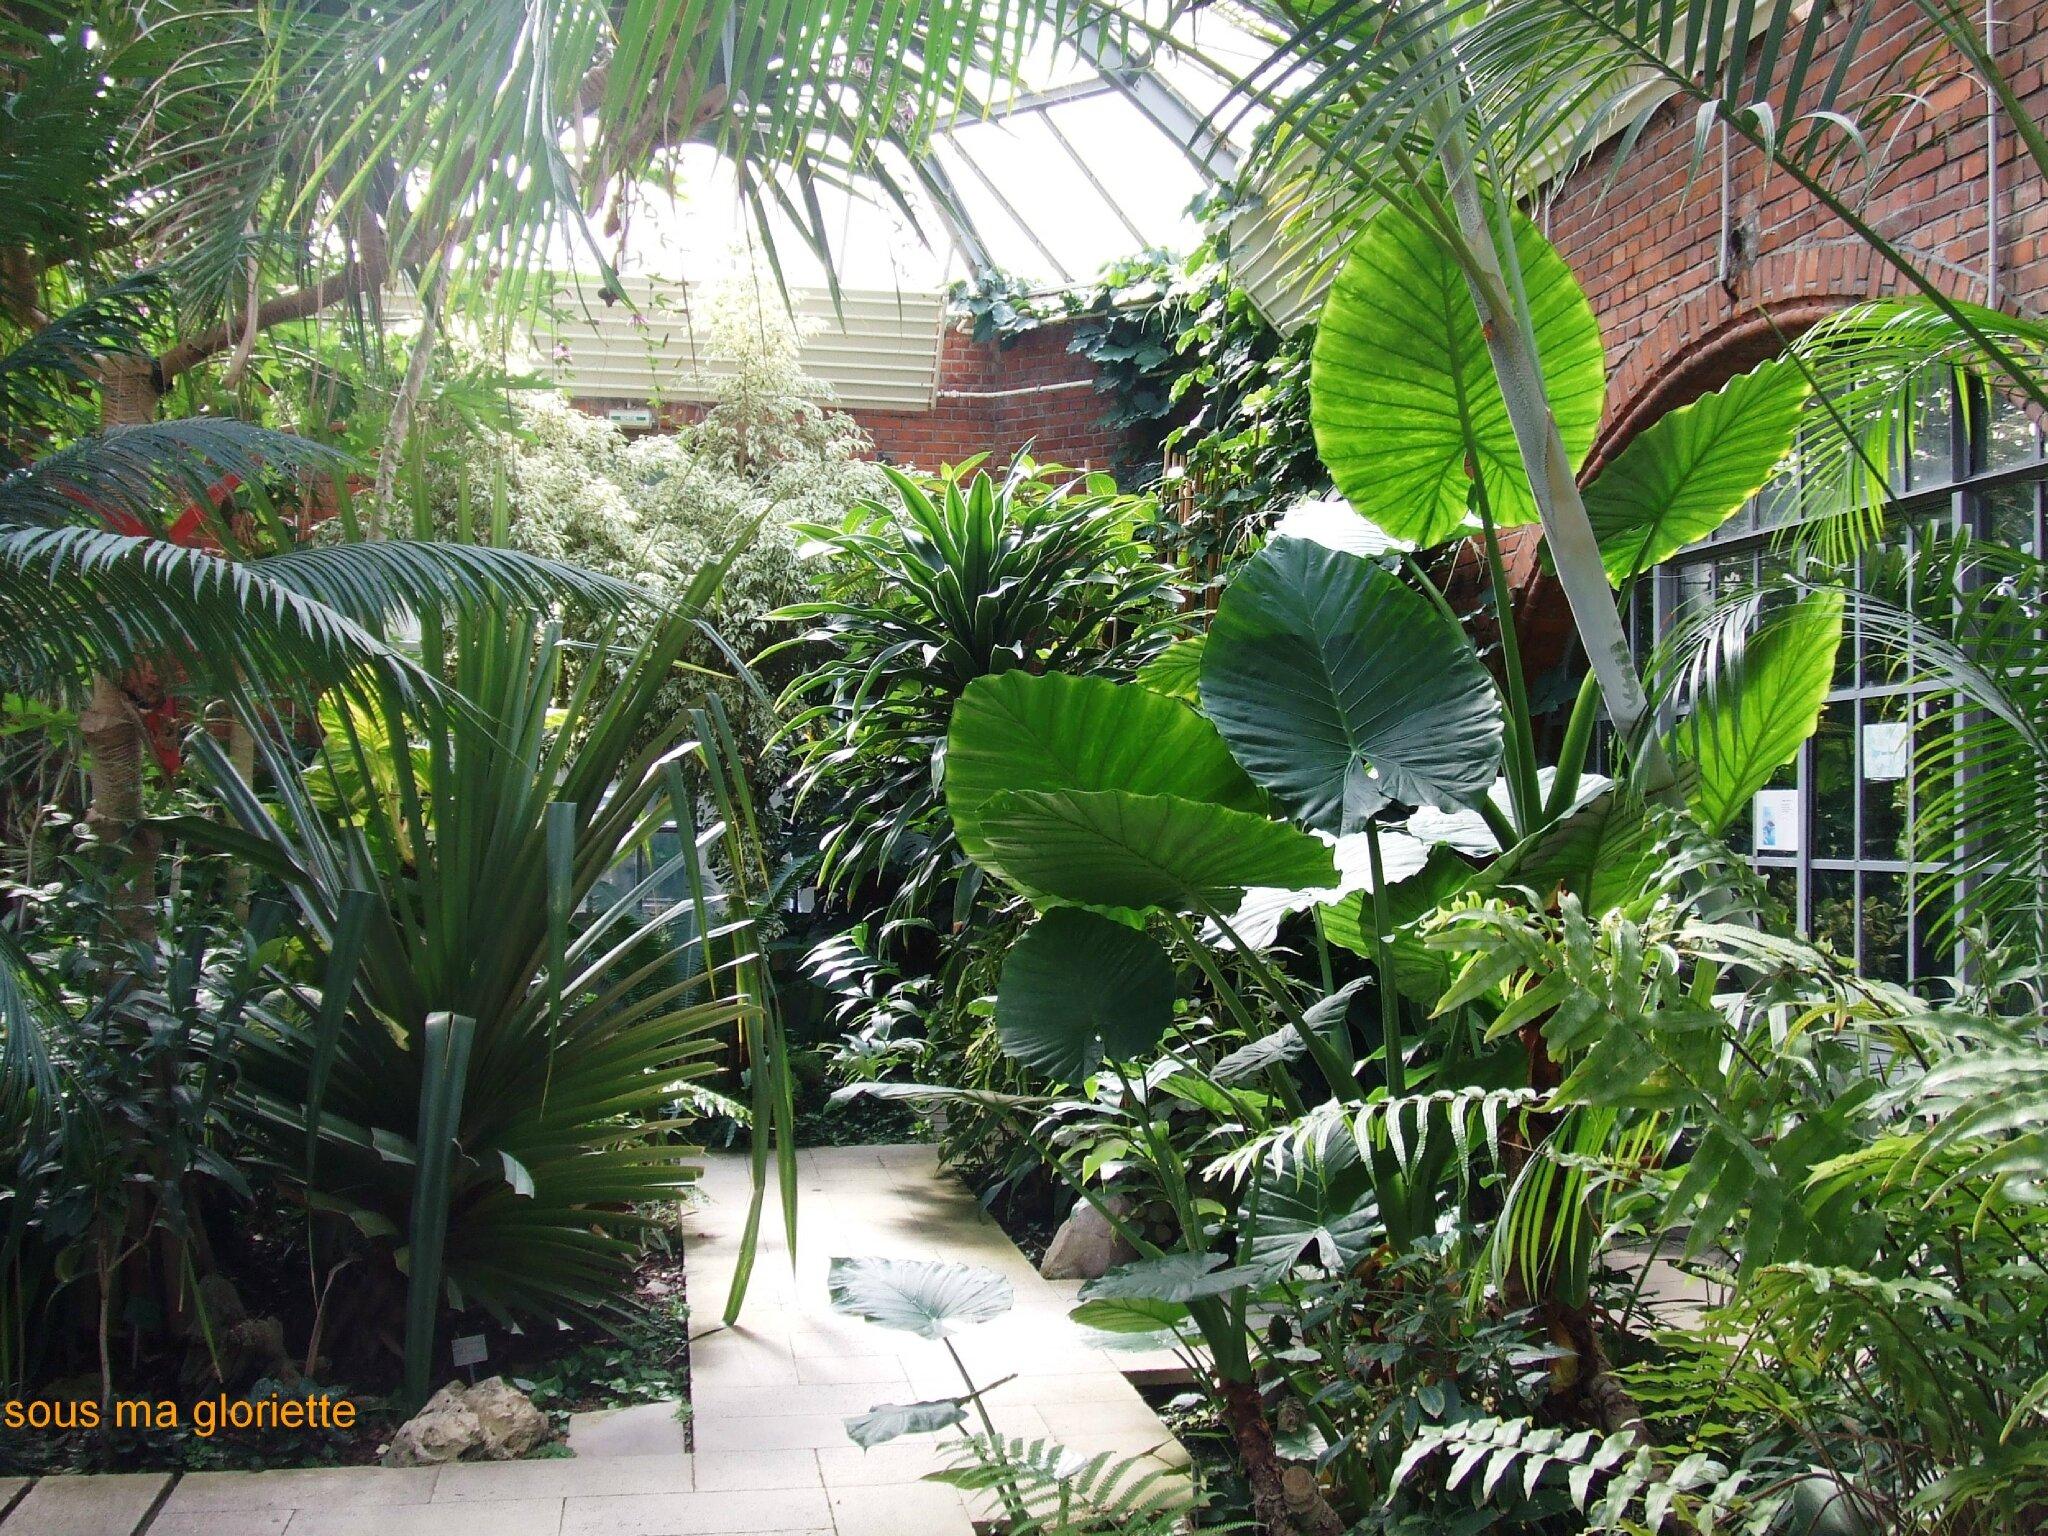 Exposition serre de jardin for Exposition serre de jardin